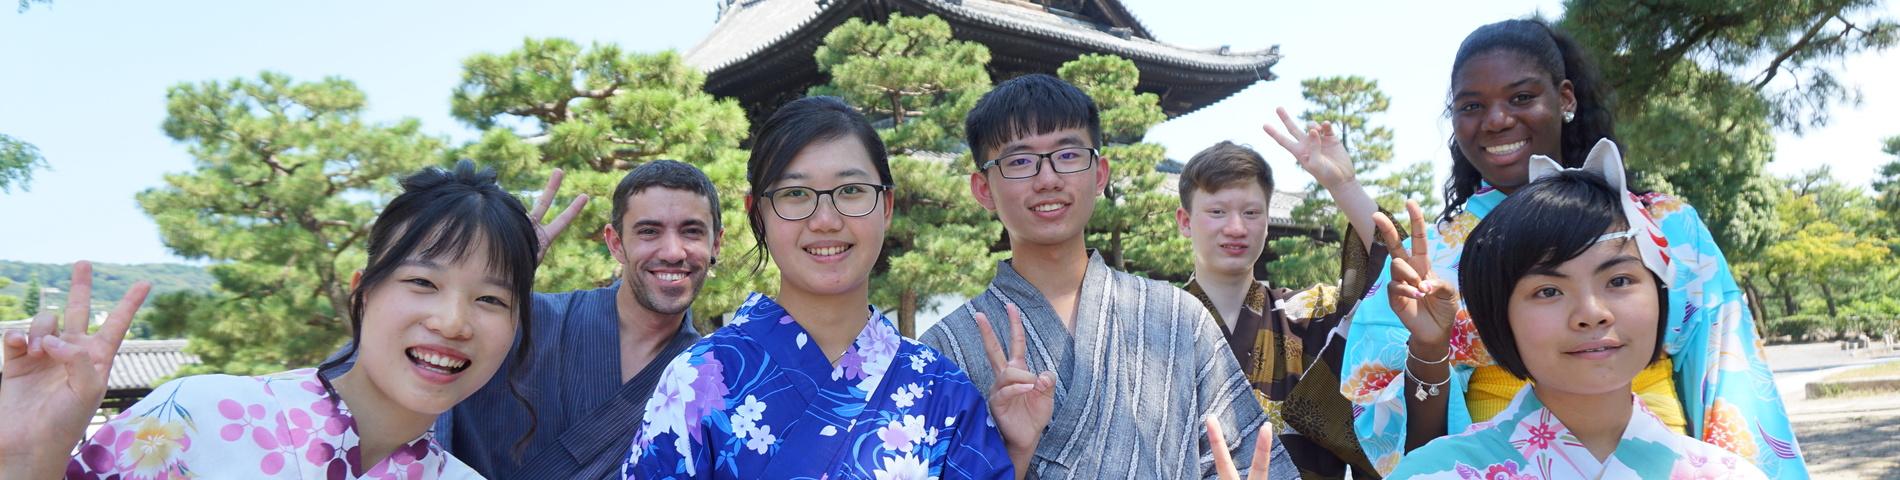 Kyoto JaLS 사진 1